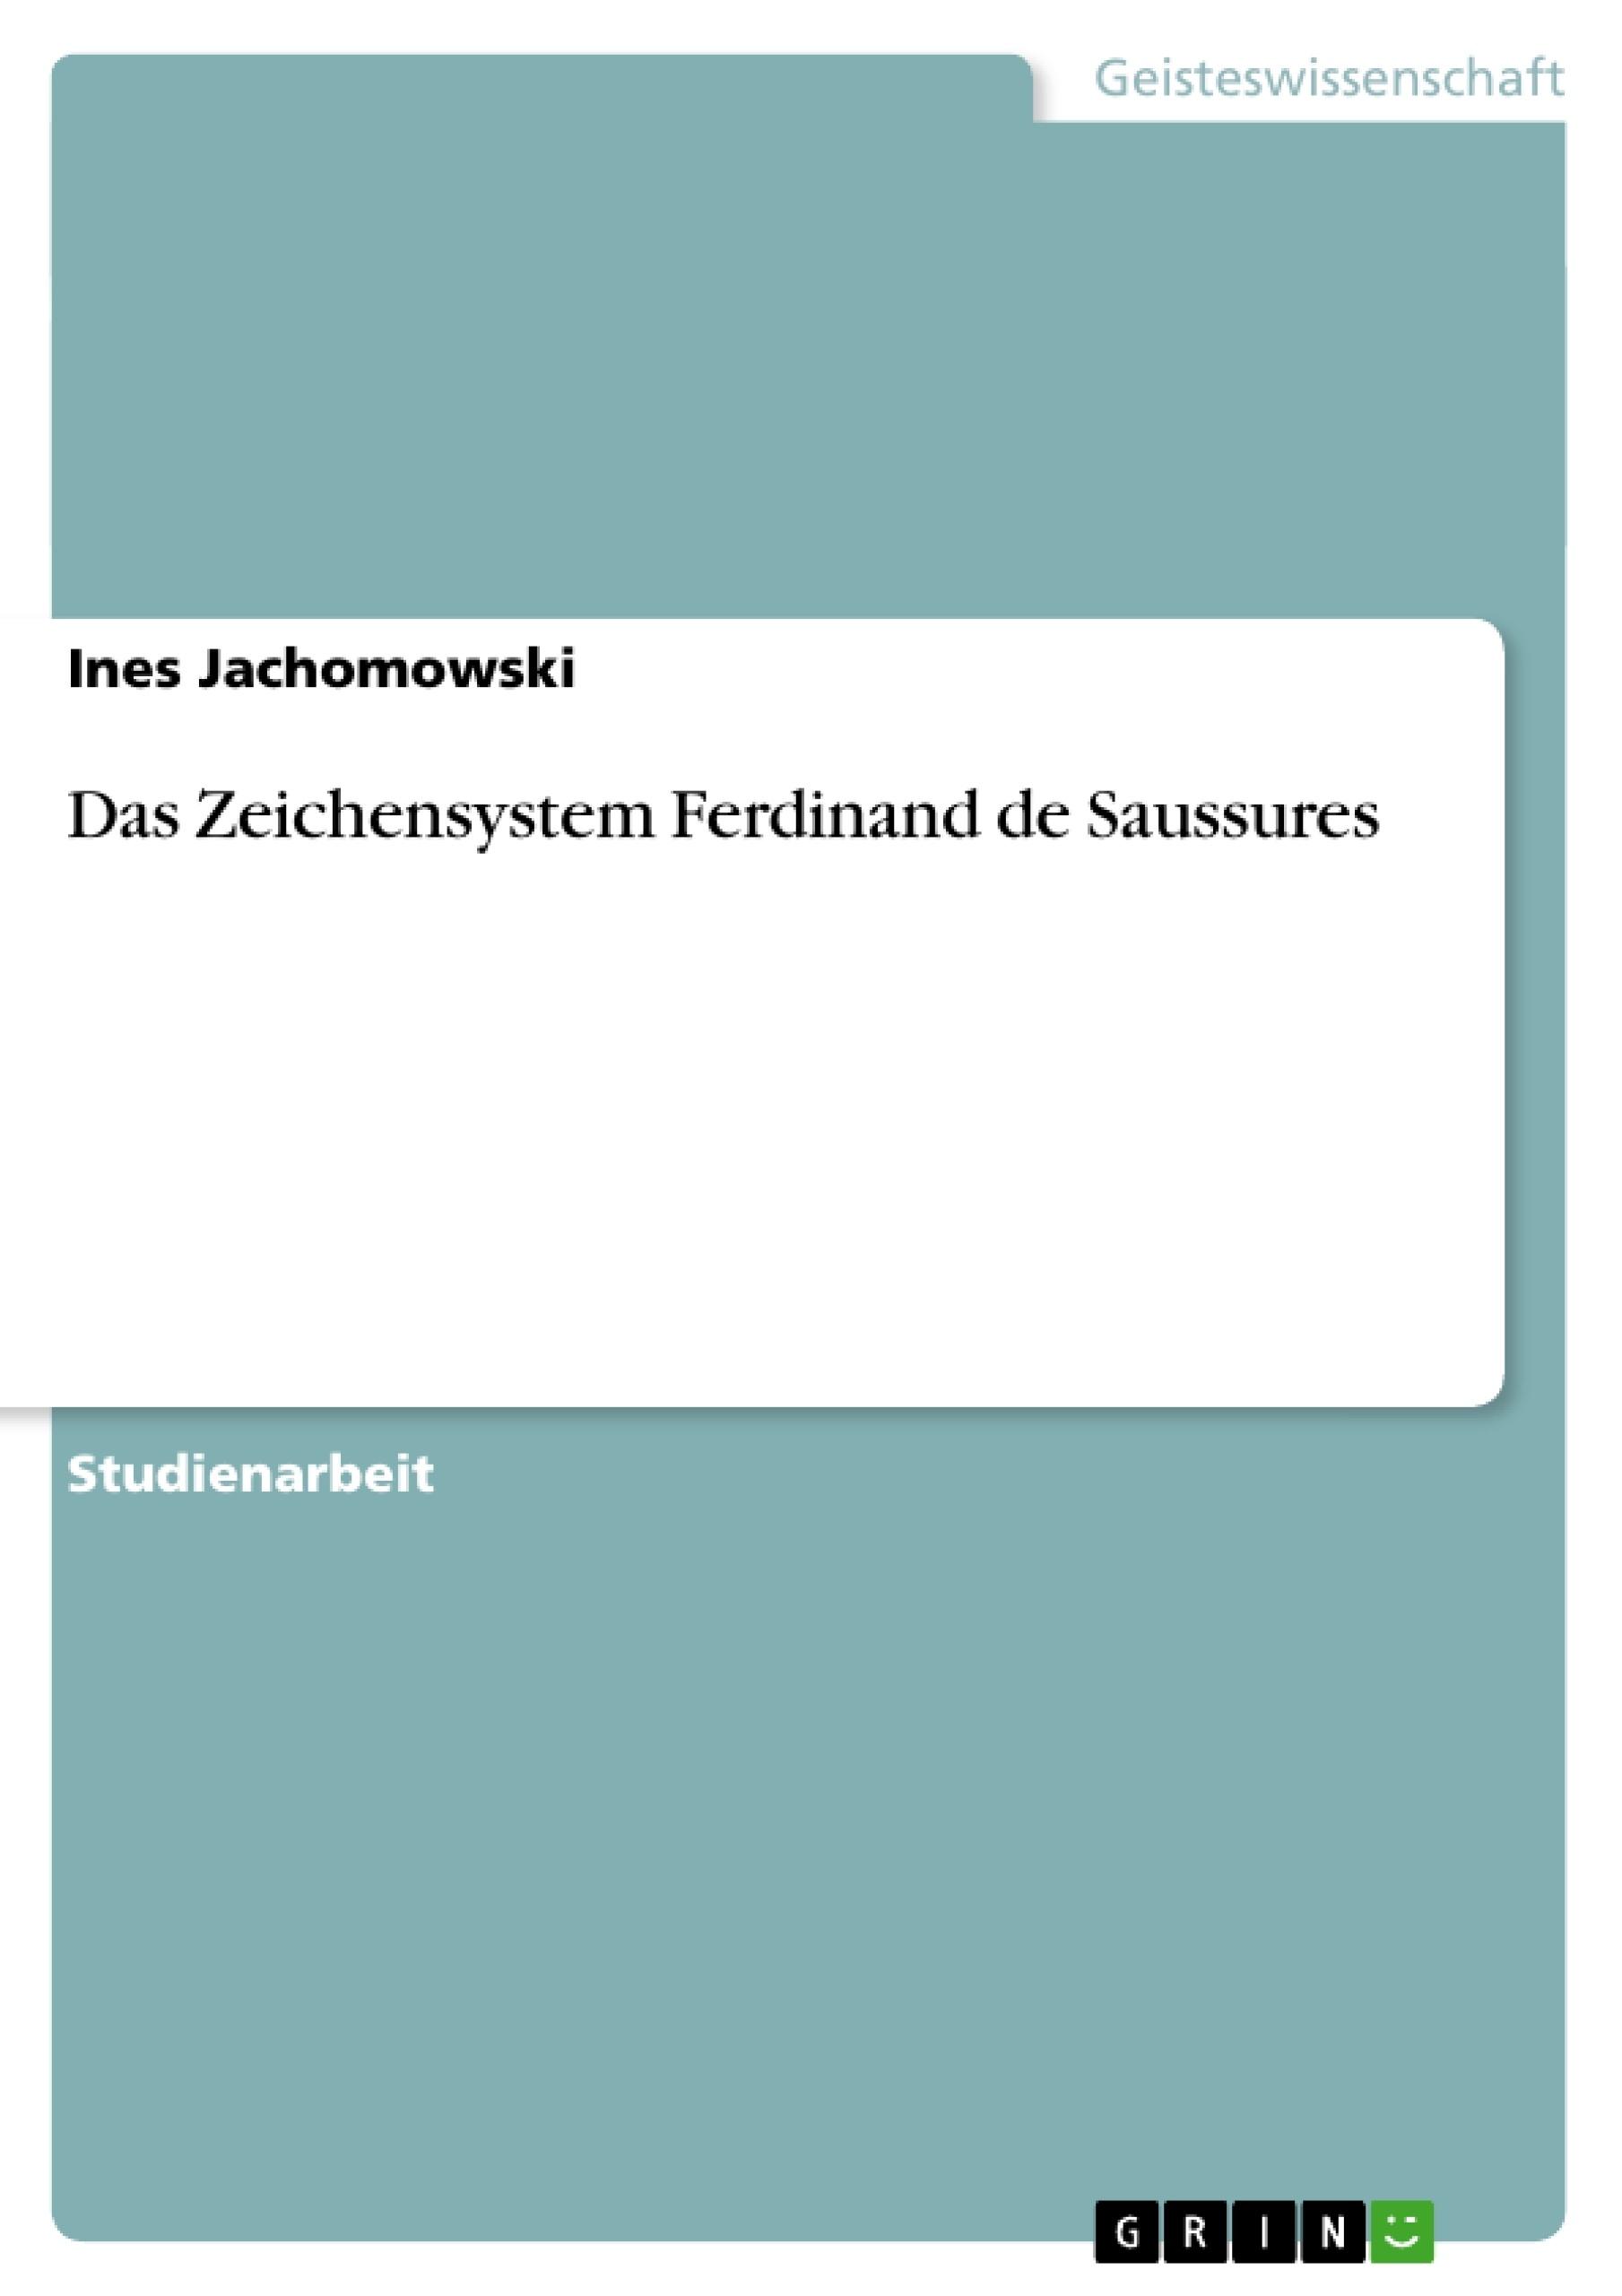 Titel: Das Zeichensystem Ferdinand de Saussures